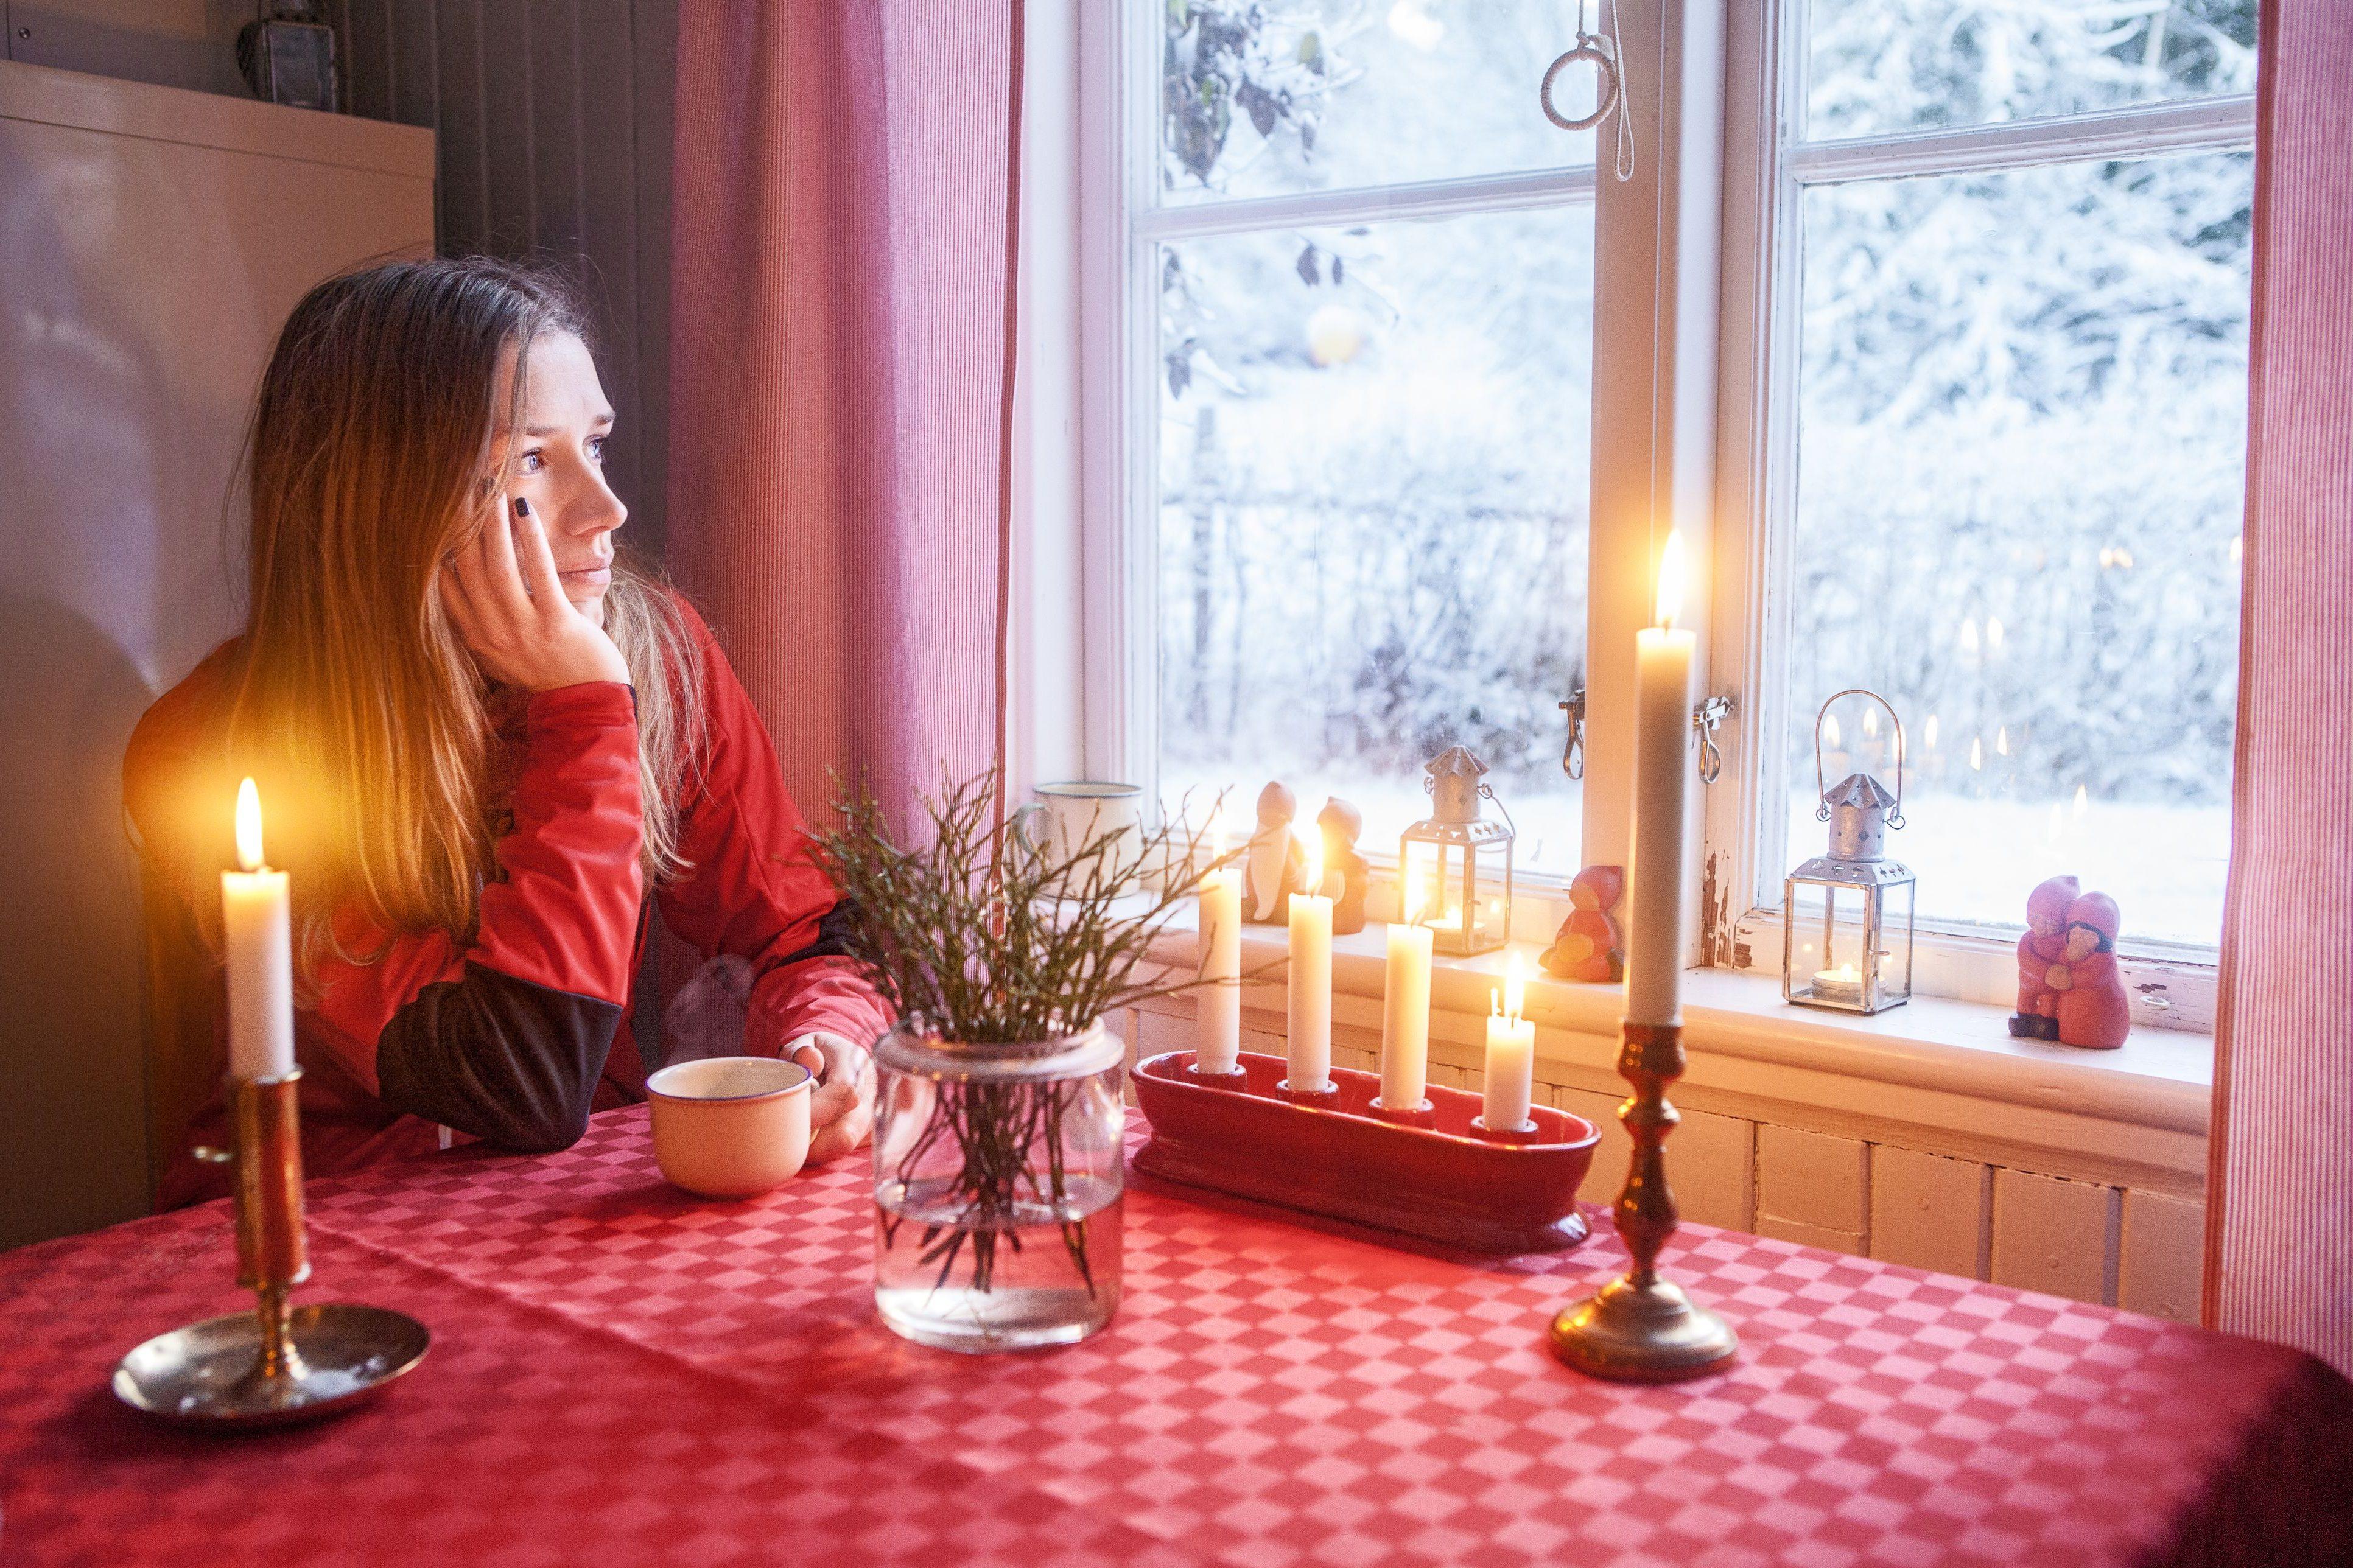 À ceux qui à Noël vivront la solitude